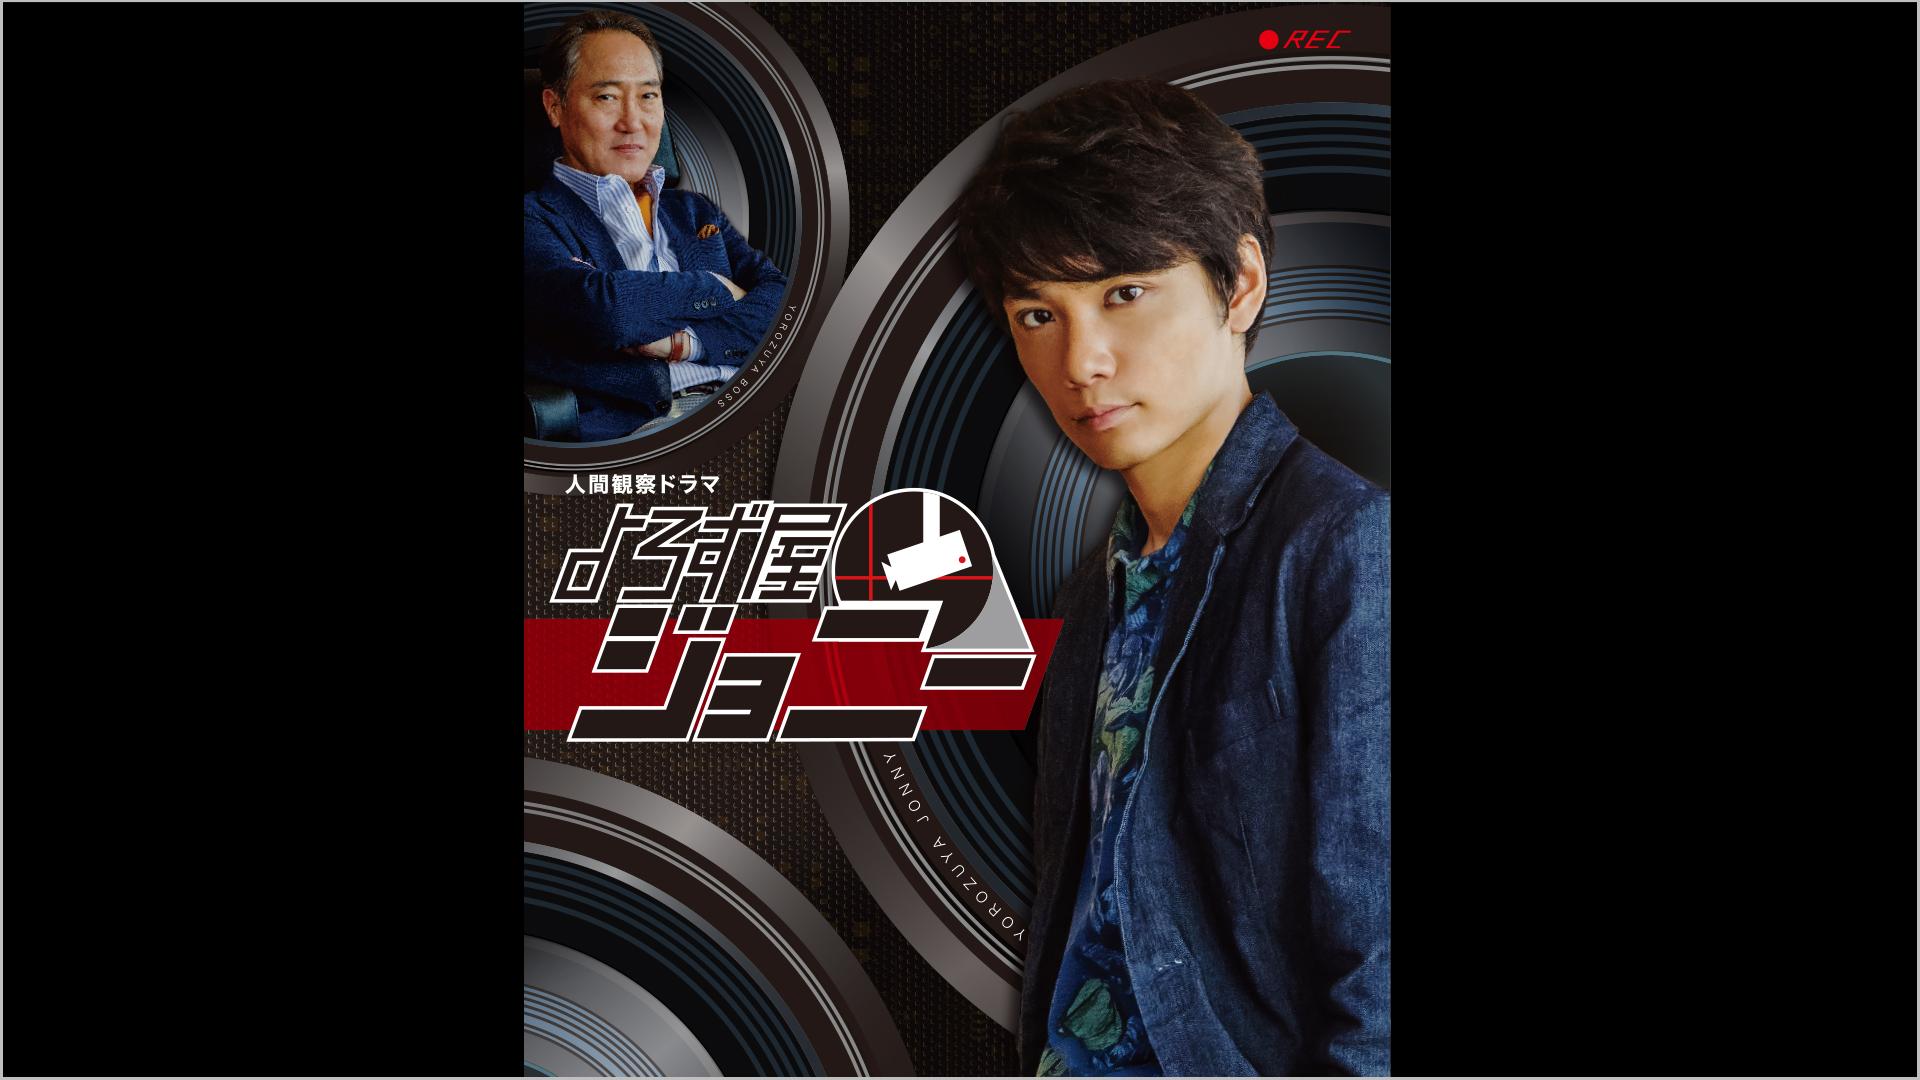 オリジナルドラマ「よろず屋ジョニー」 #3  隠しカメラでみる人間観察ドラマ!